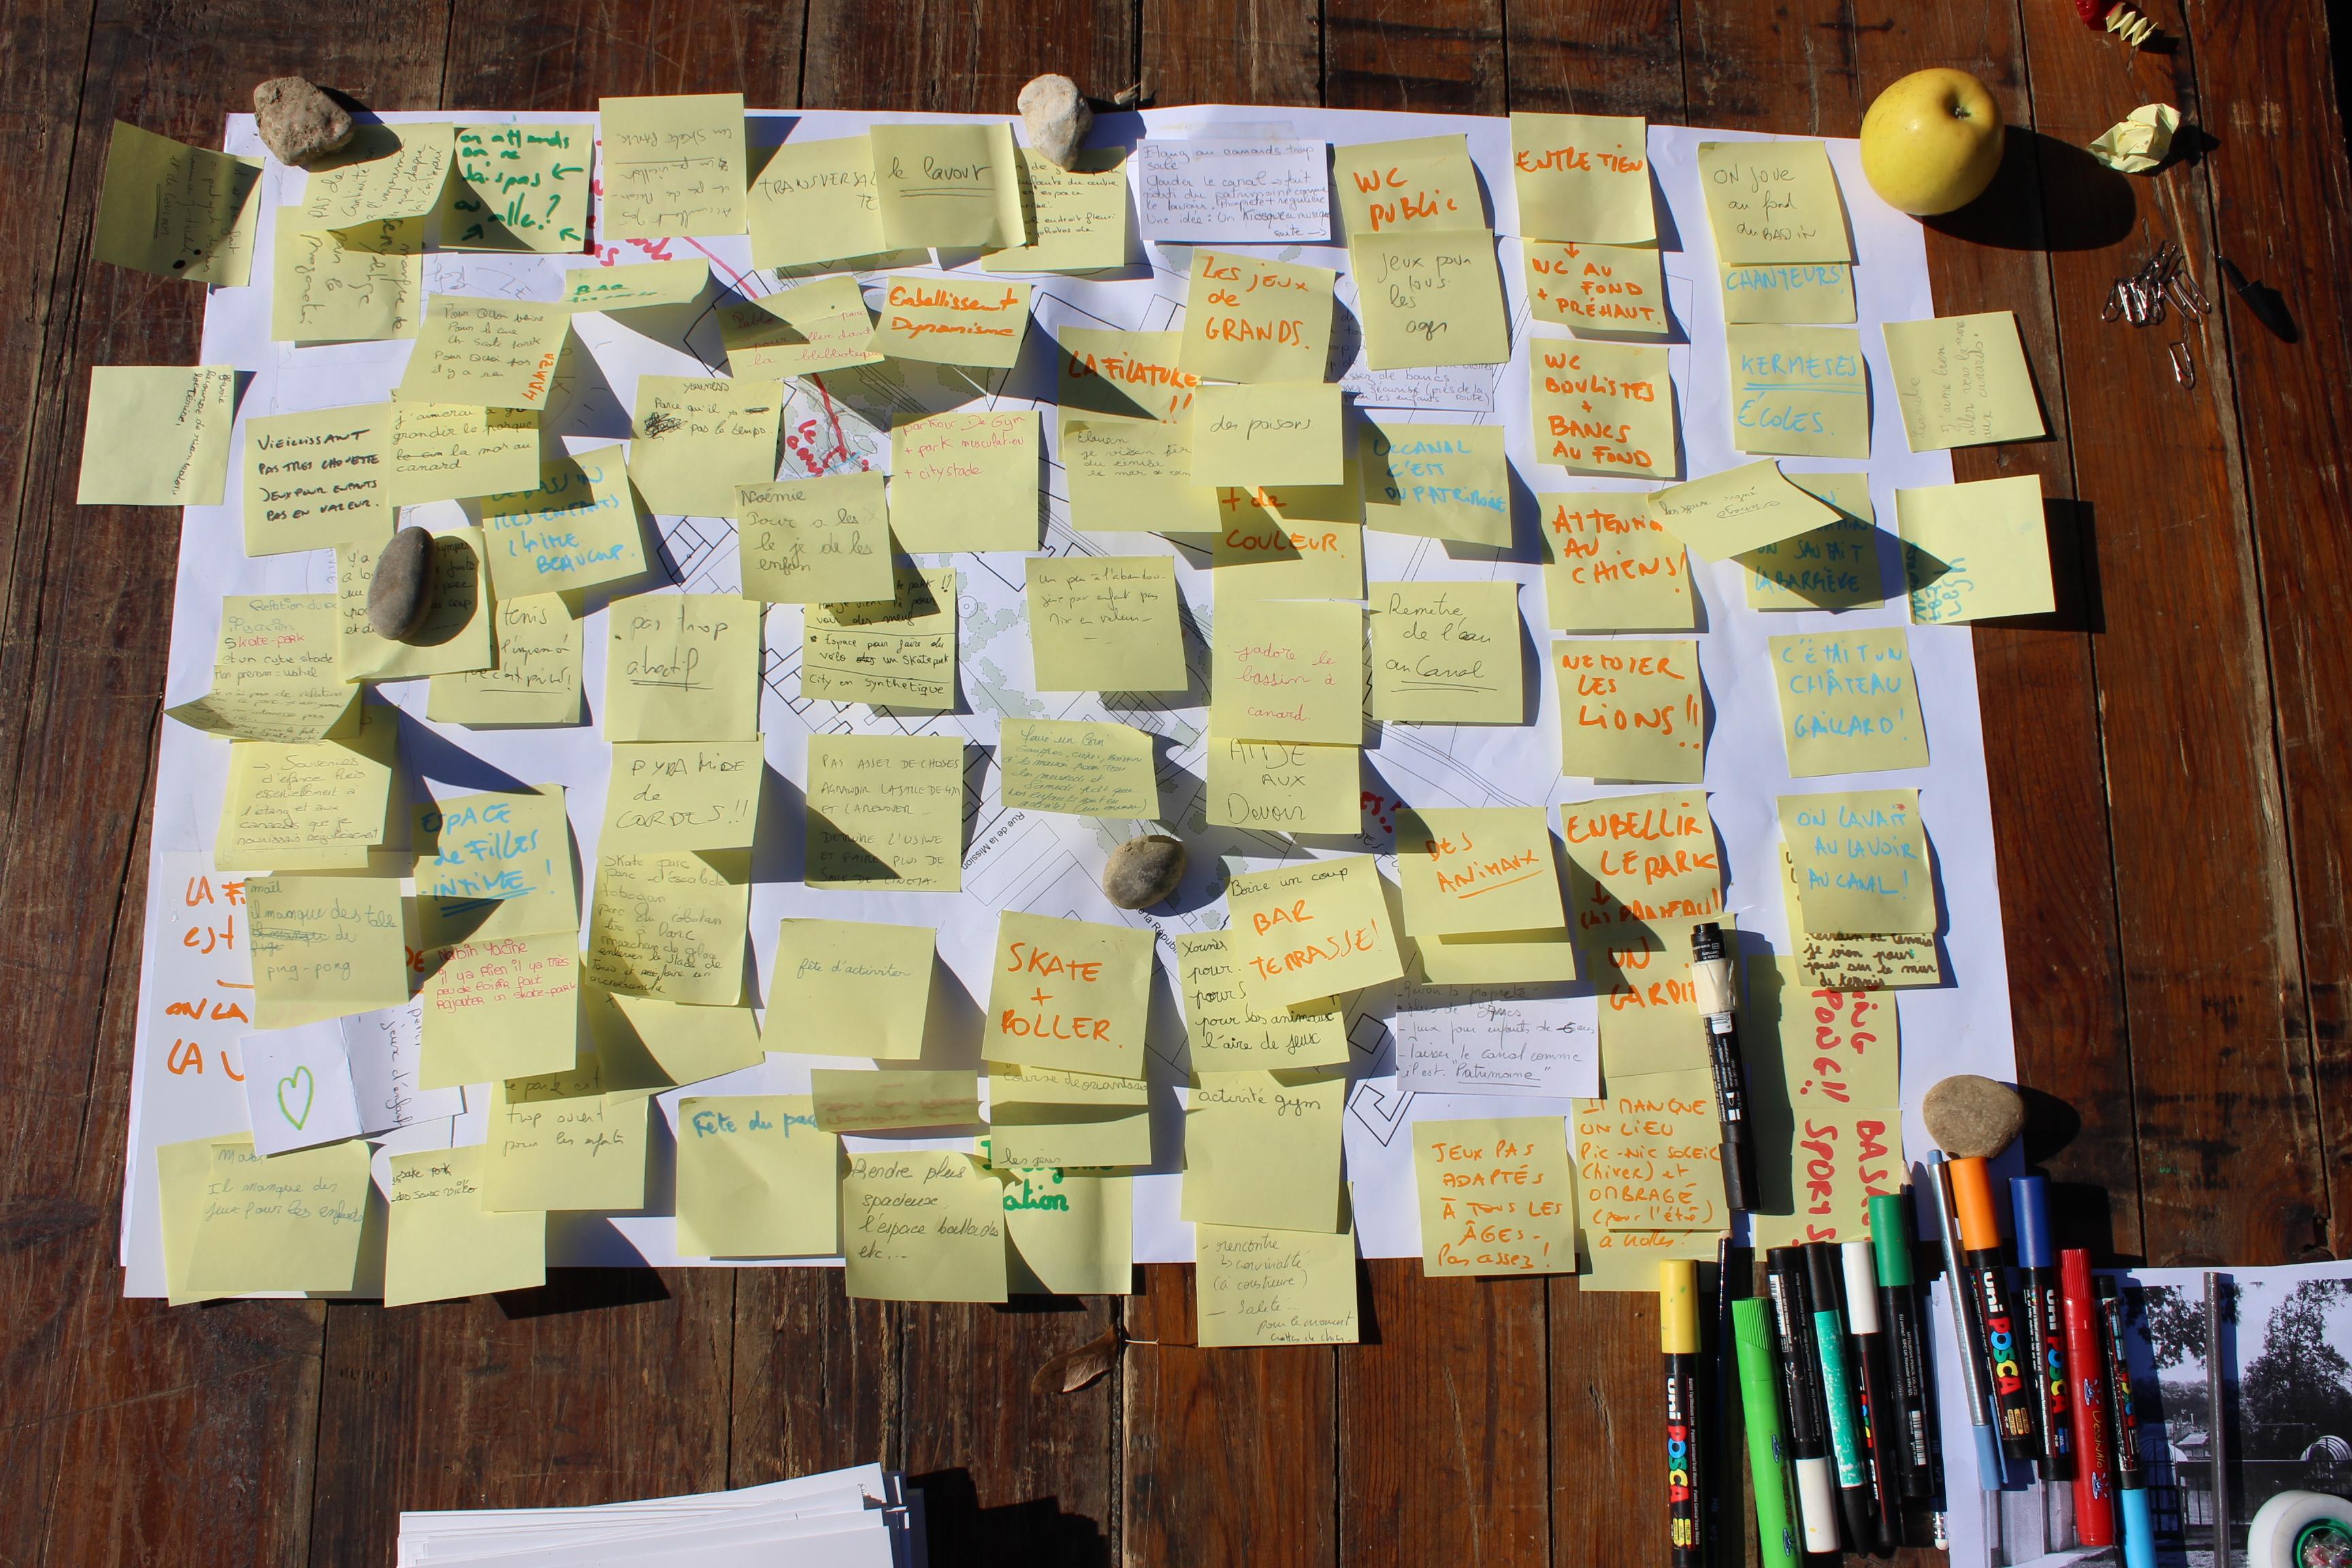 Documento de mediación en el proceso de diseño participado del Parque de Loriol, Francia, desarrollado por el autor junto con el colectivo Bazar Urbain y Del'Aire. Foto Elise Dumay. 2015.